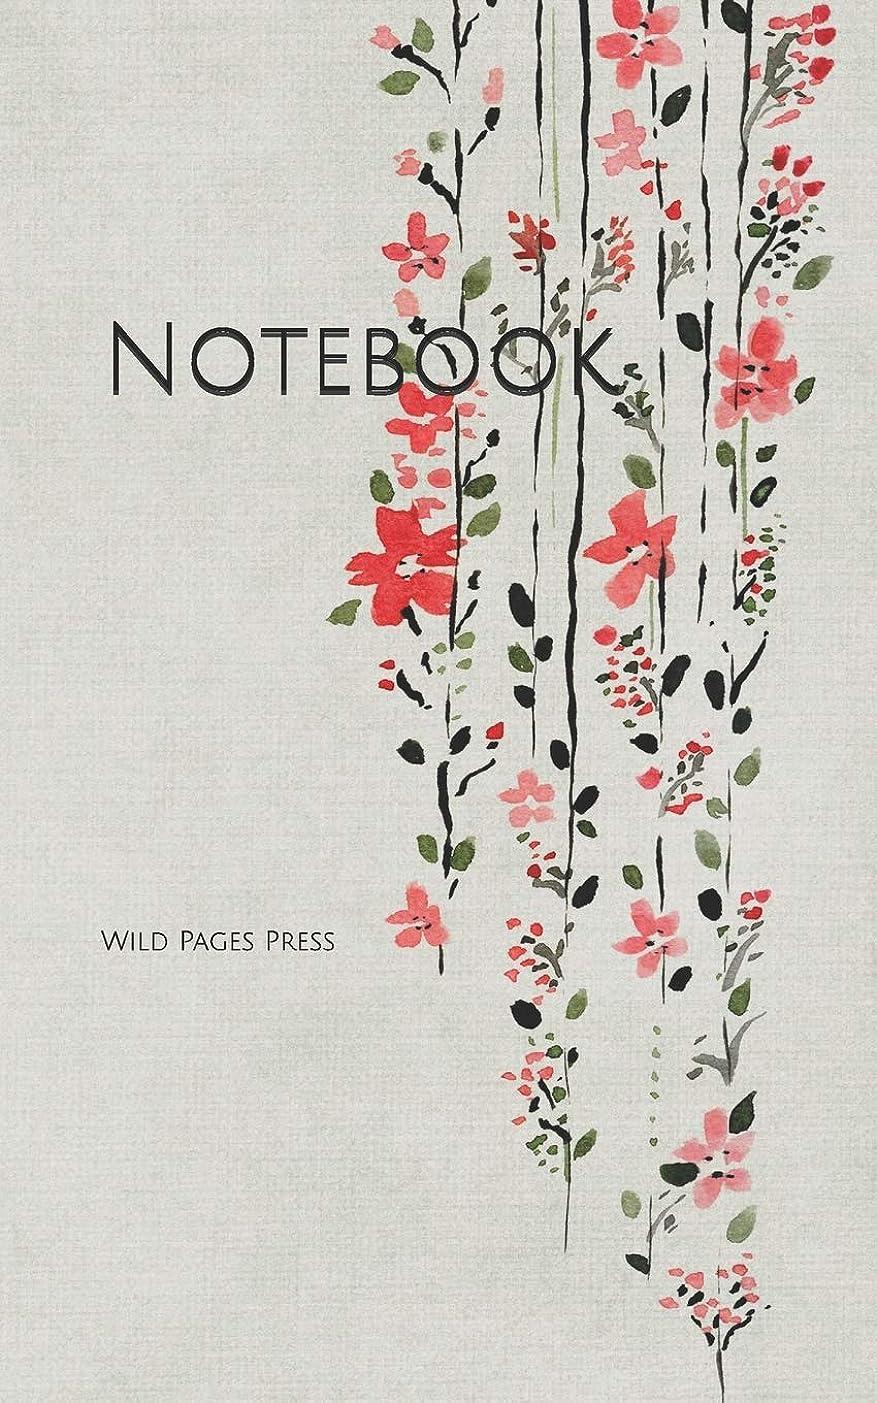 ピューそれぞれ建築Notebook: background scrapbook paper Asian flowers pink grey  Asia scrapbooking stationery